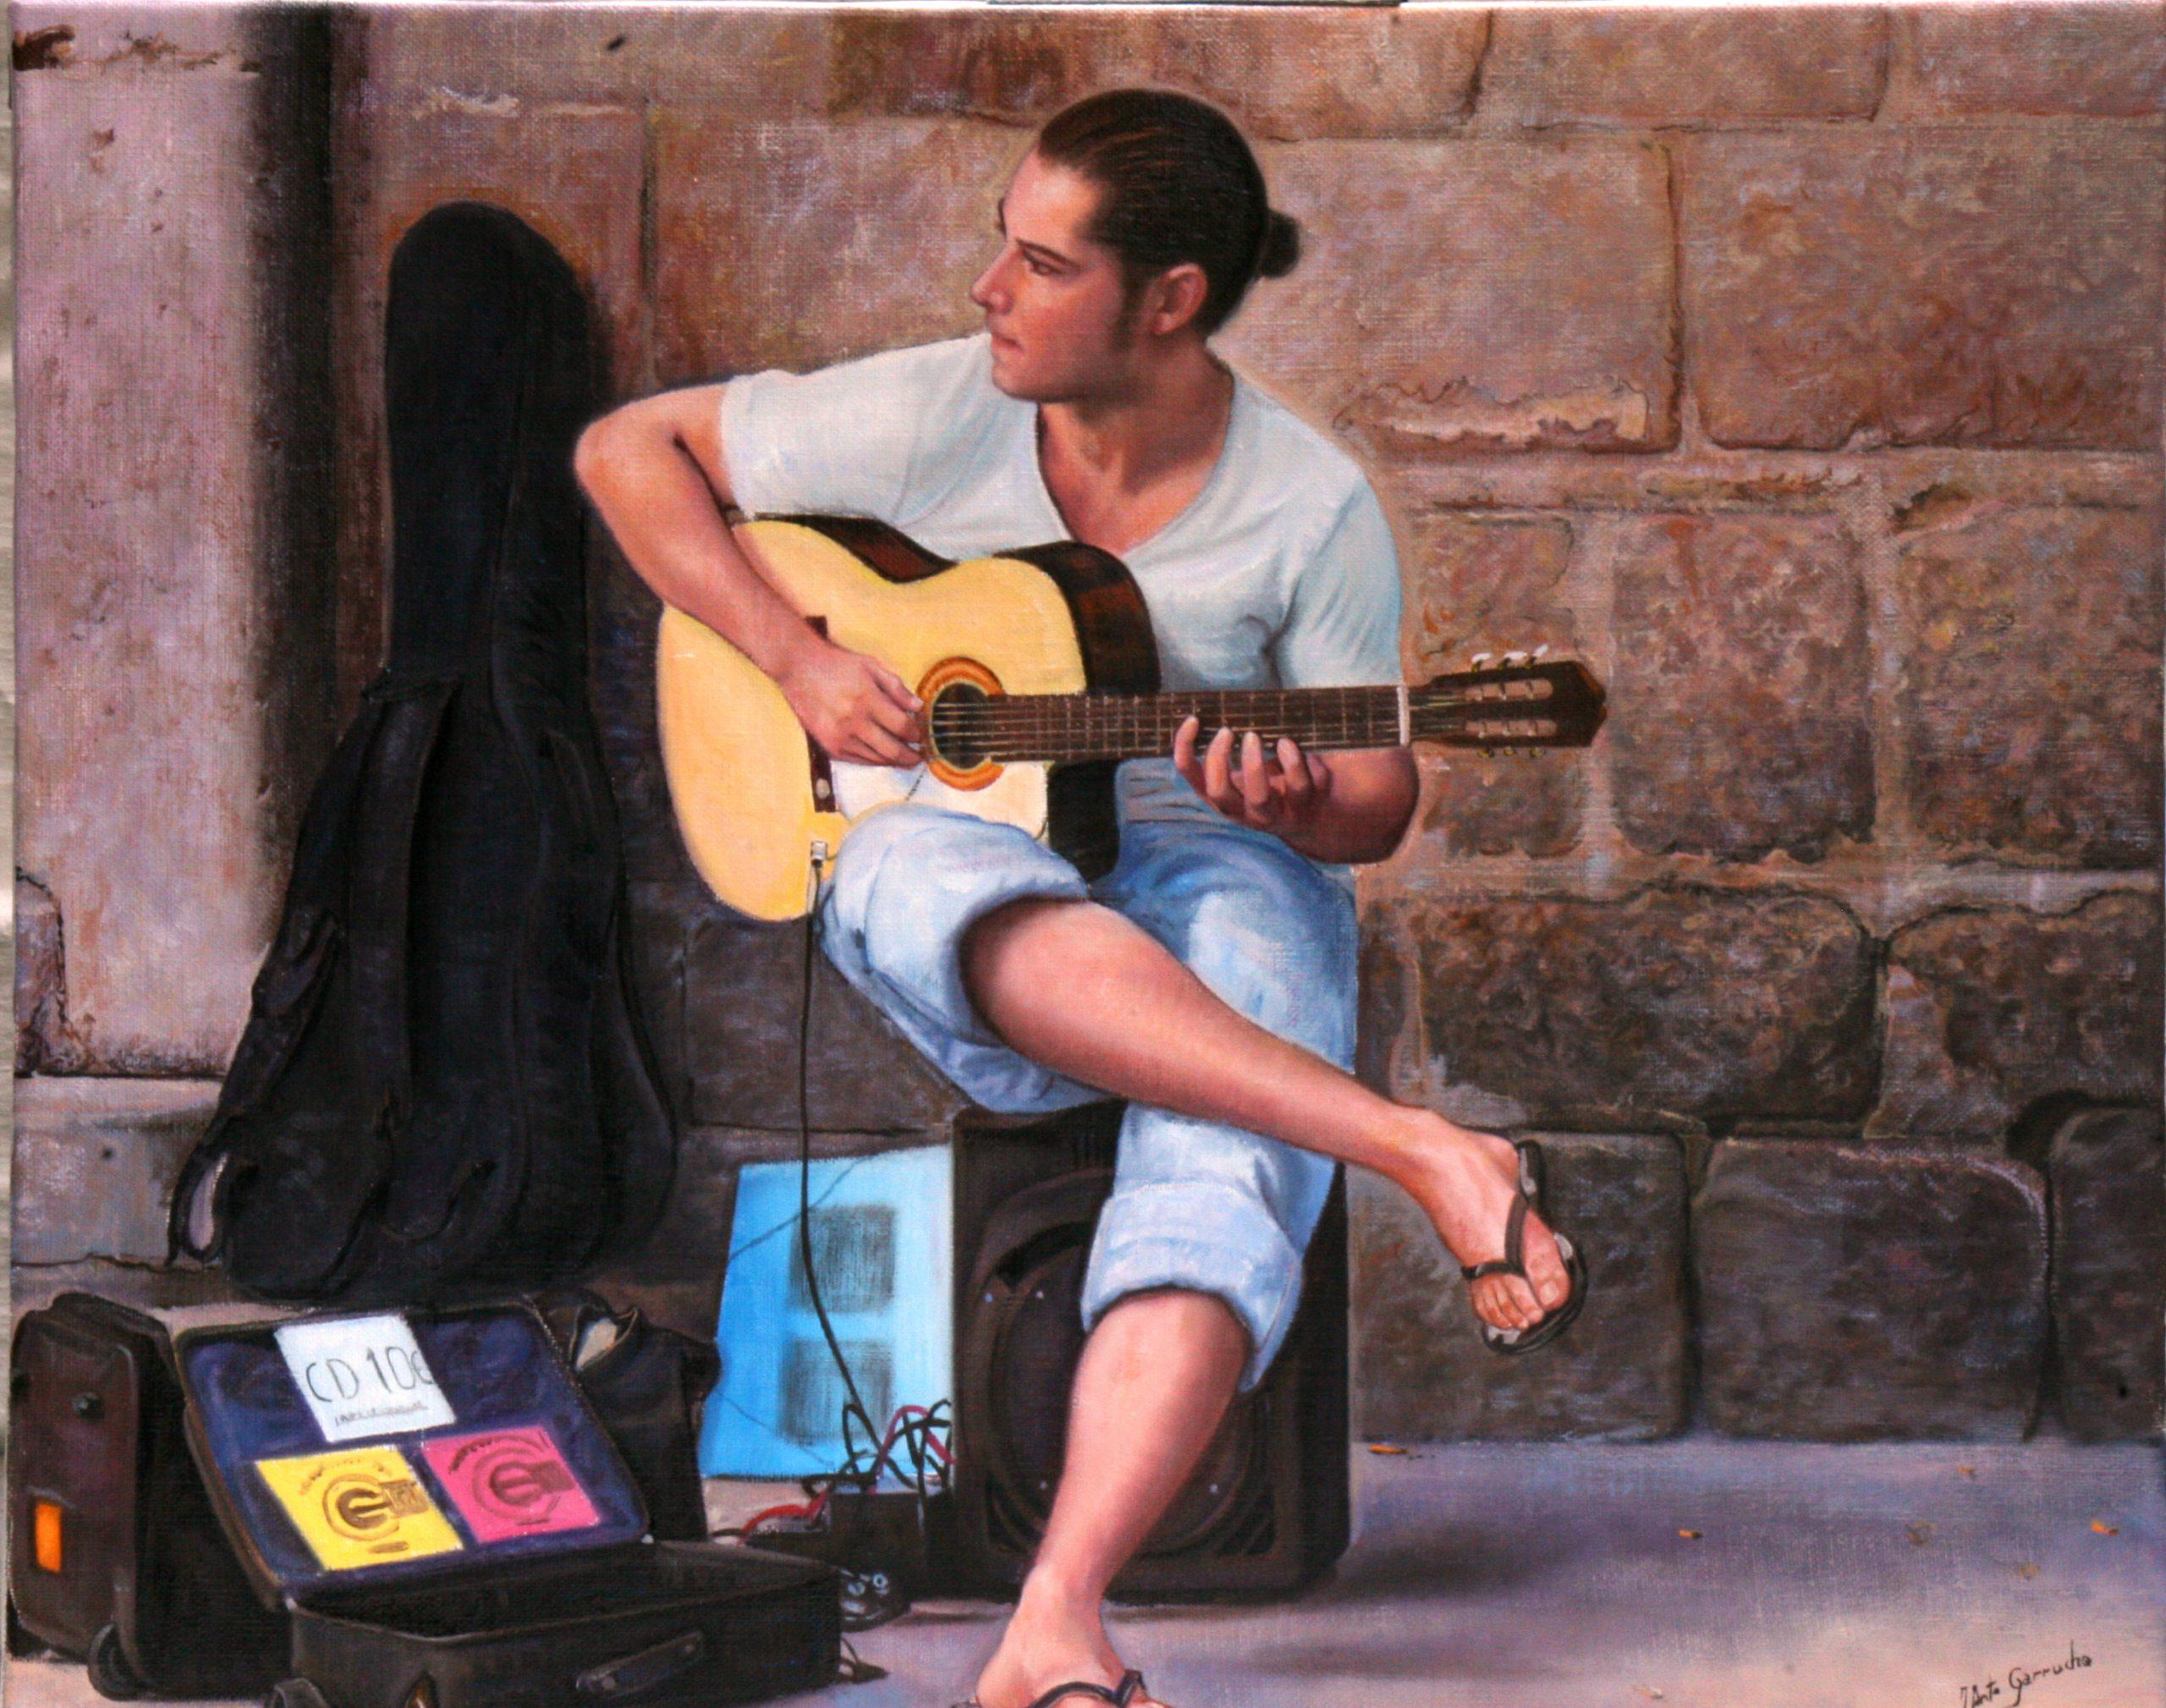 Guitarrista en el barrio gótico II